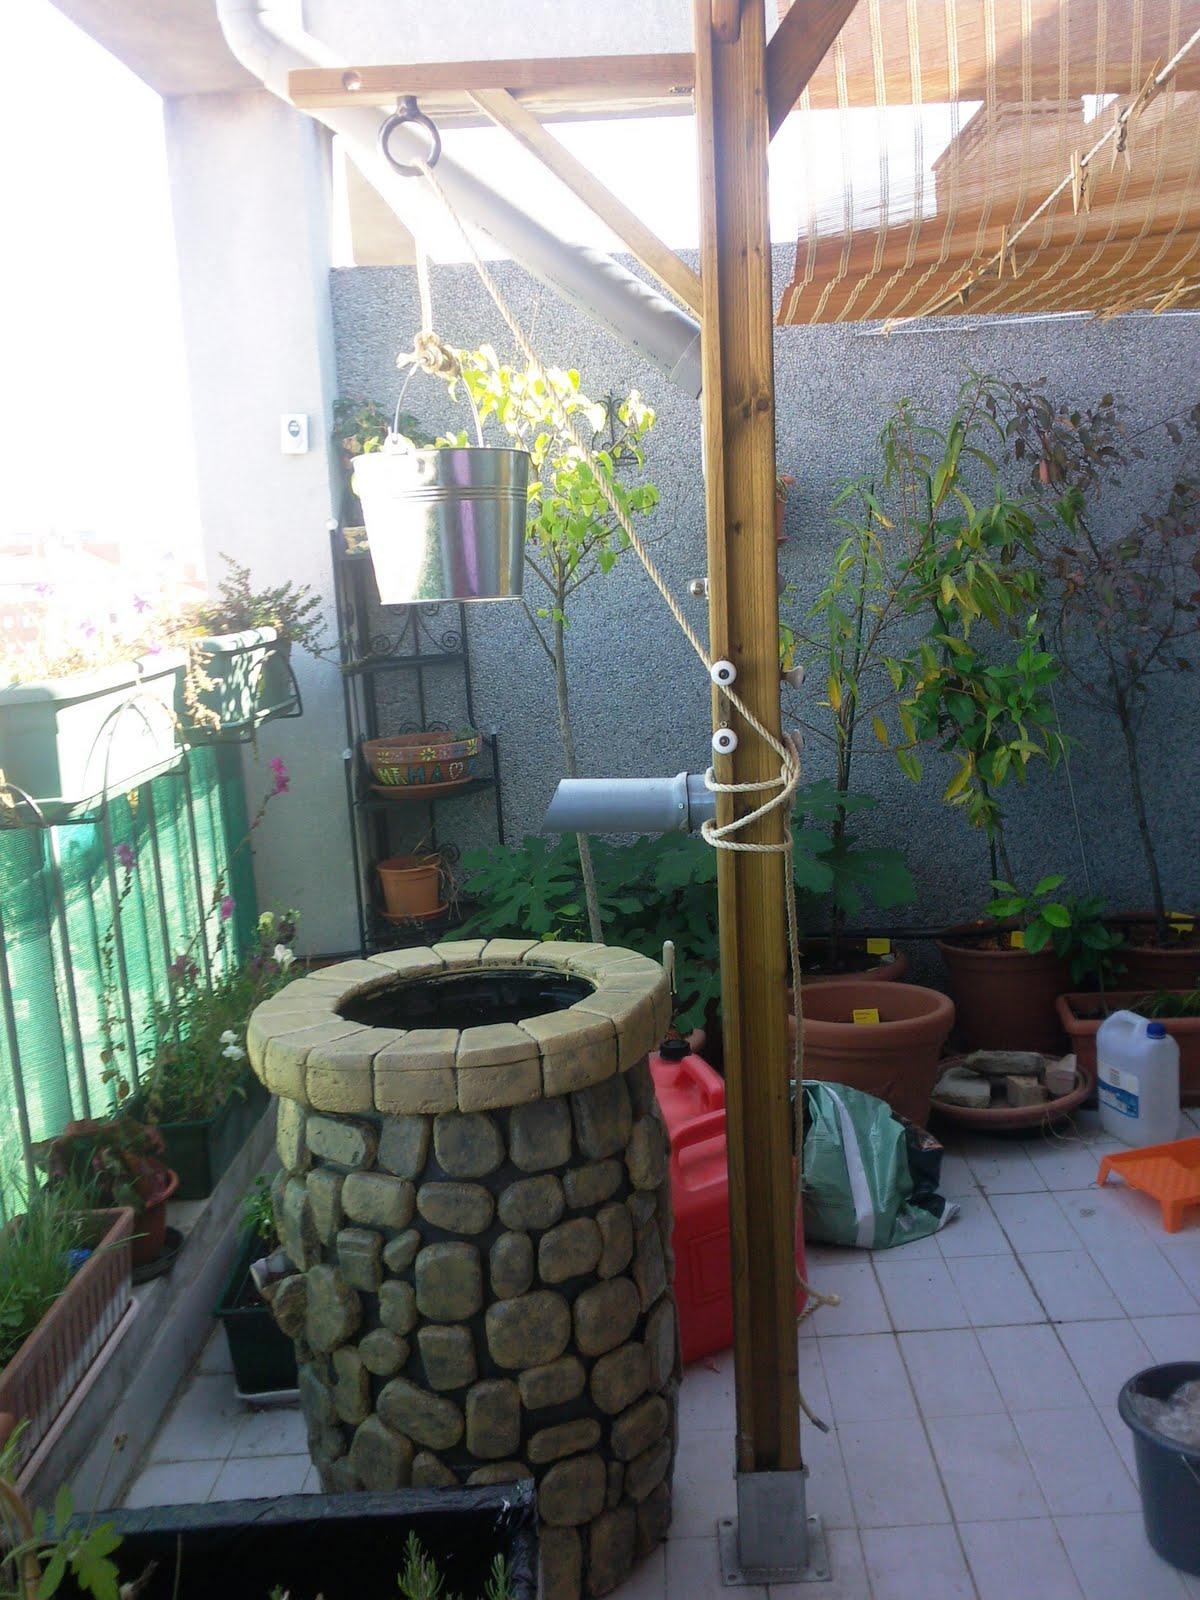 Bruja pelirroja otros proyectos un pozo de agua de lluvia - Recoger agua lluvia ...